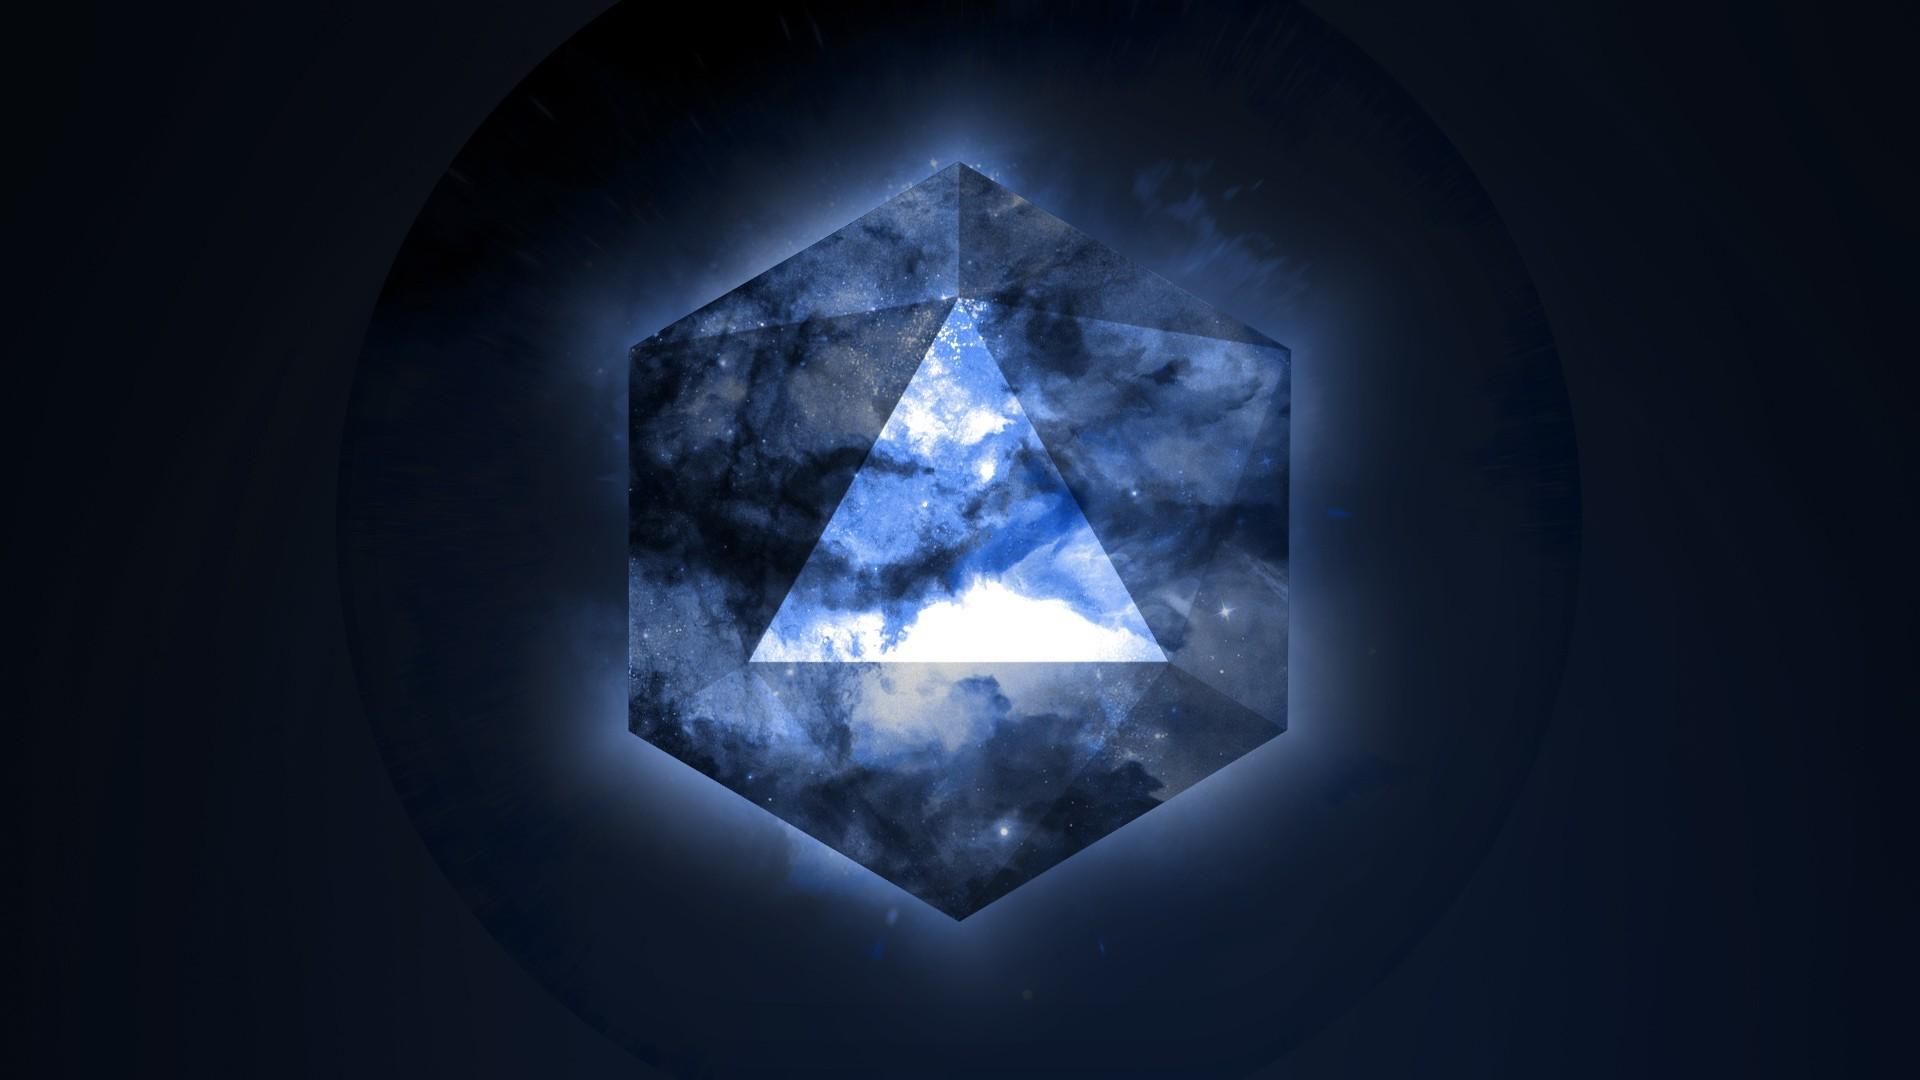 Fondos De Pantalla 1920x1080 Px Azul Geometría